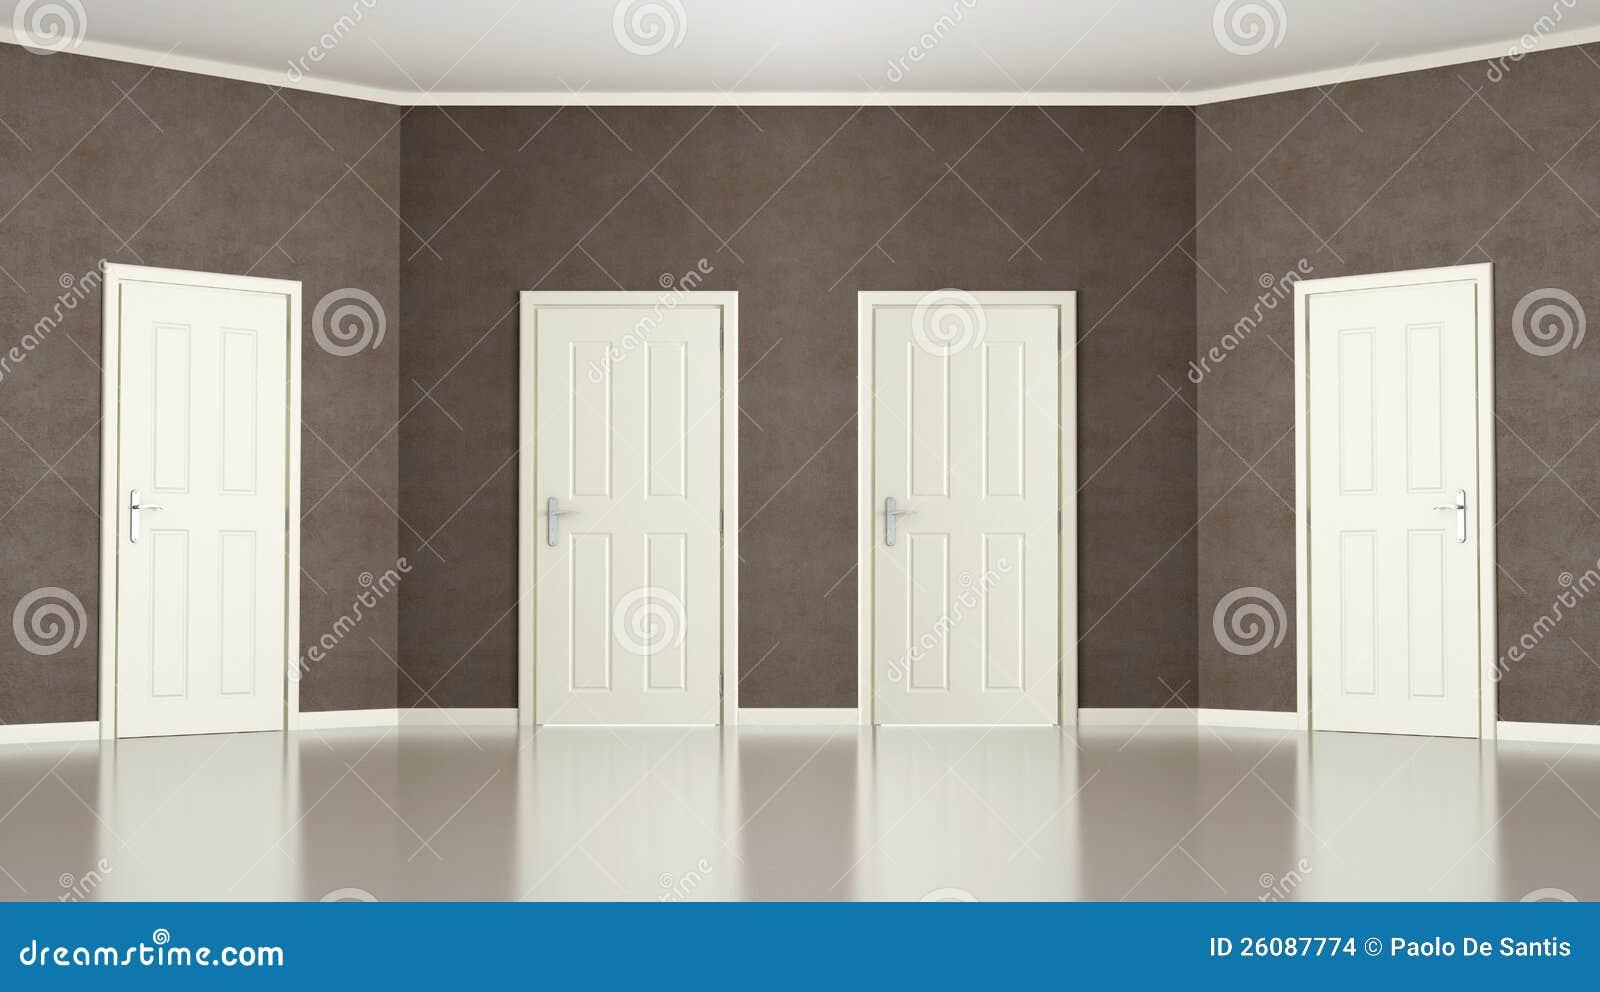 Stock Room Doors : Brown empty room with four doors stock illustration